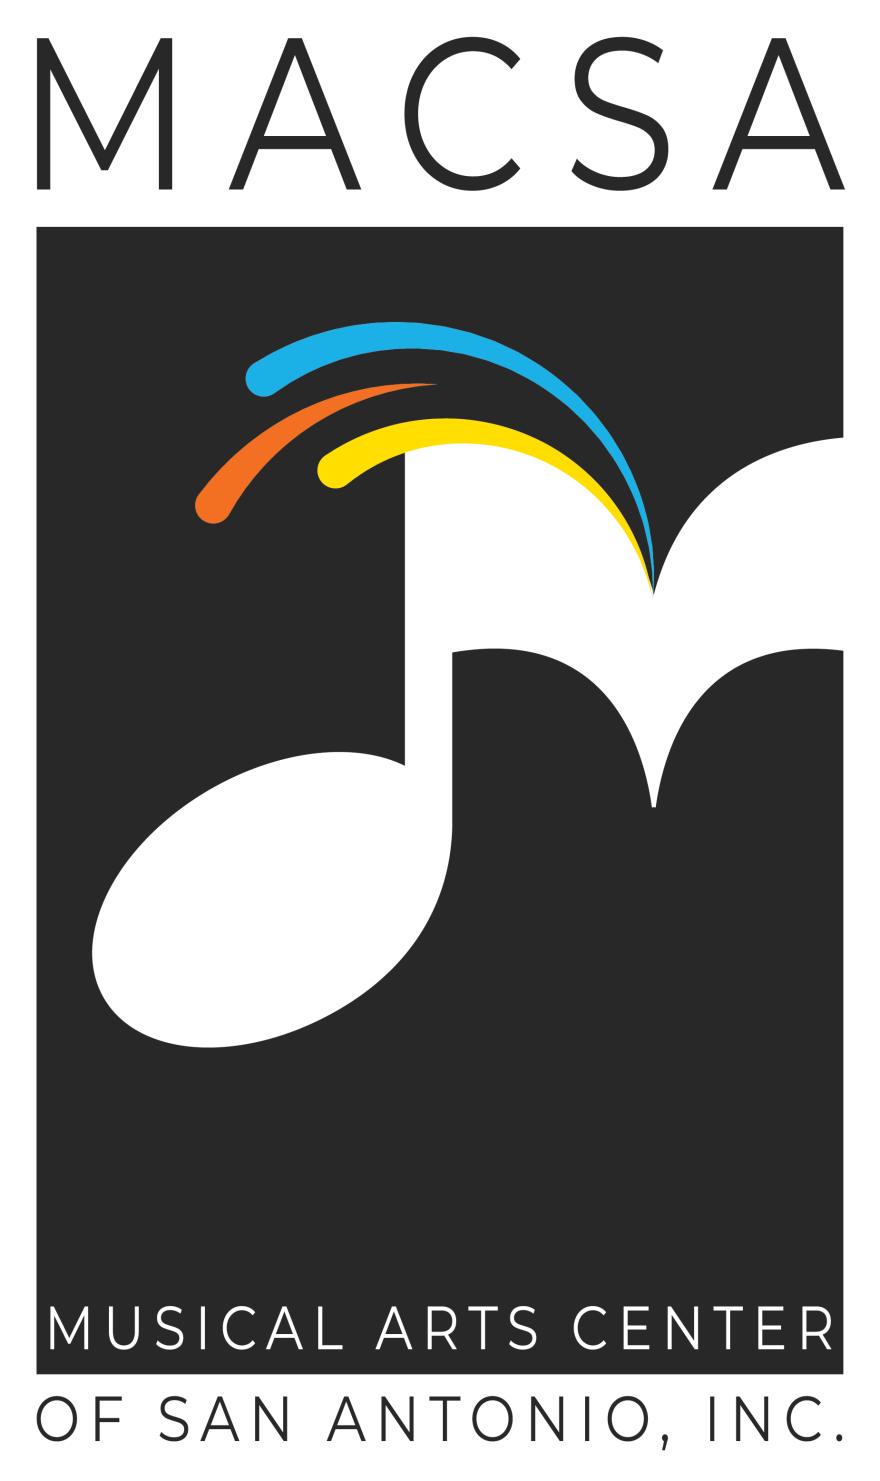 MACSA_logo.png